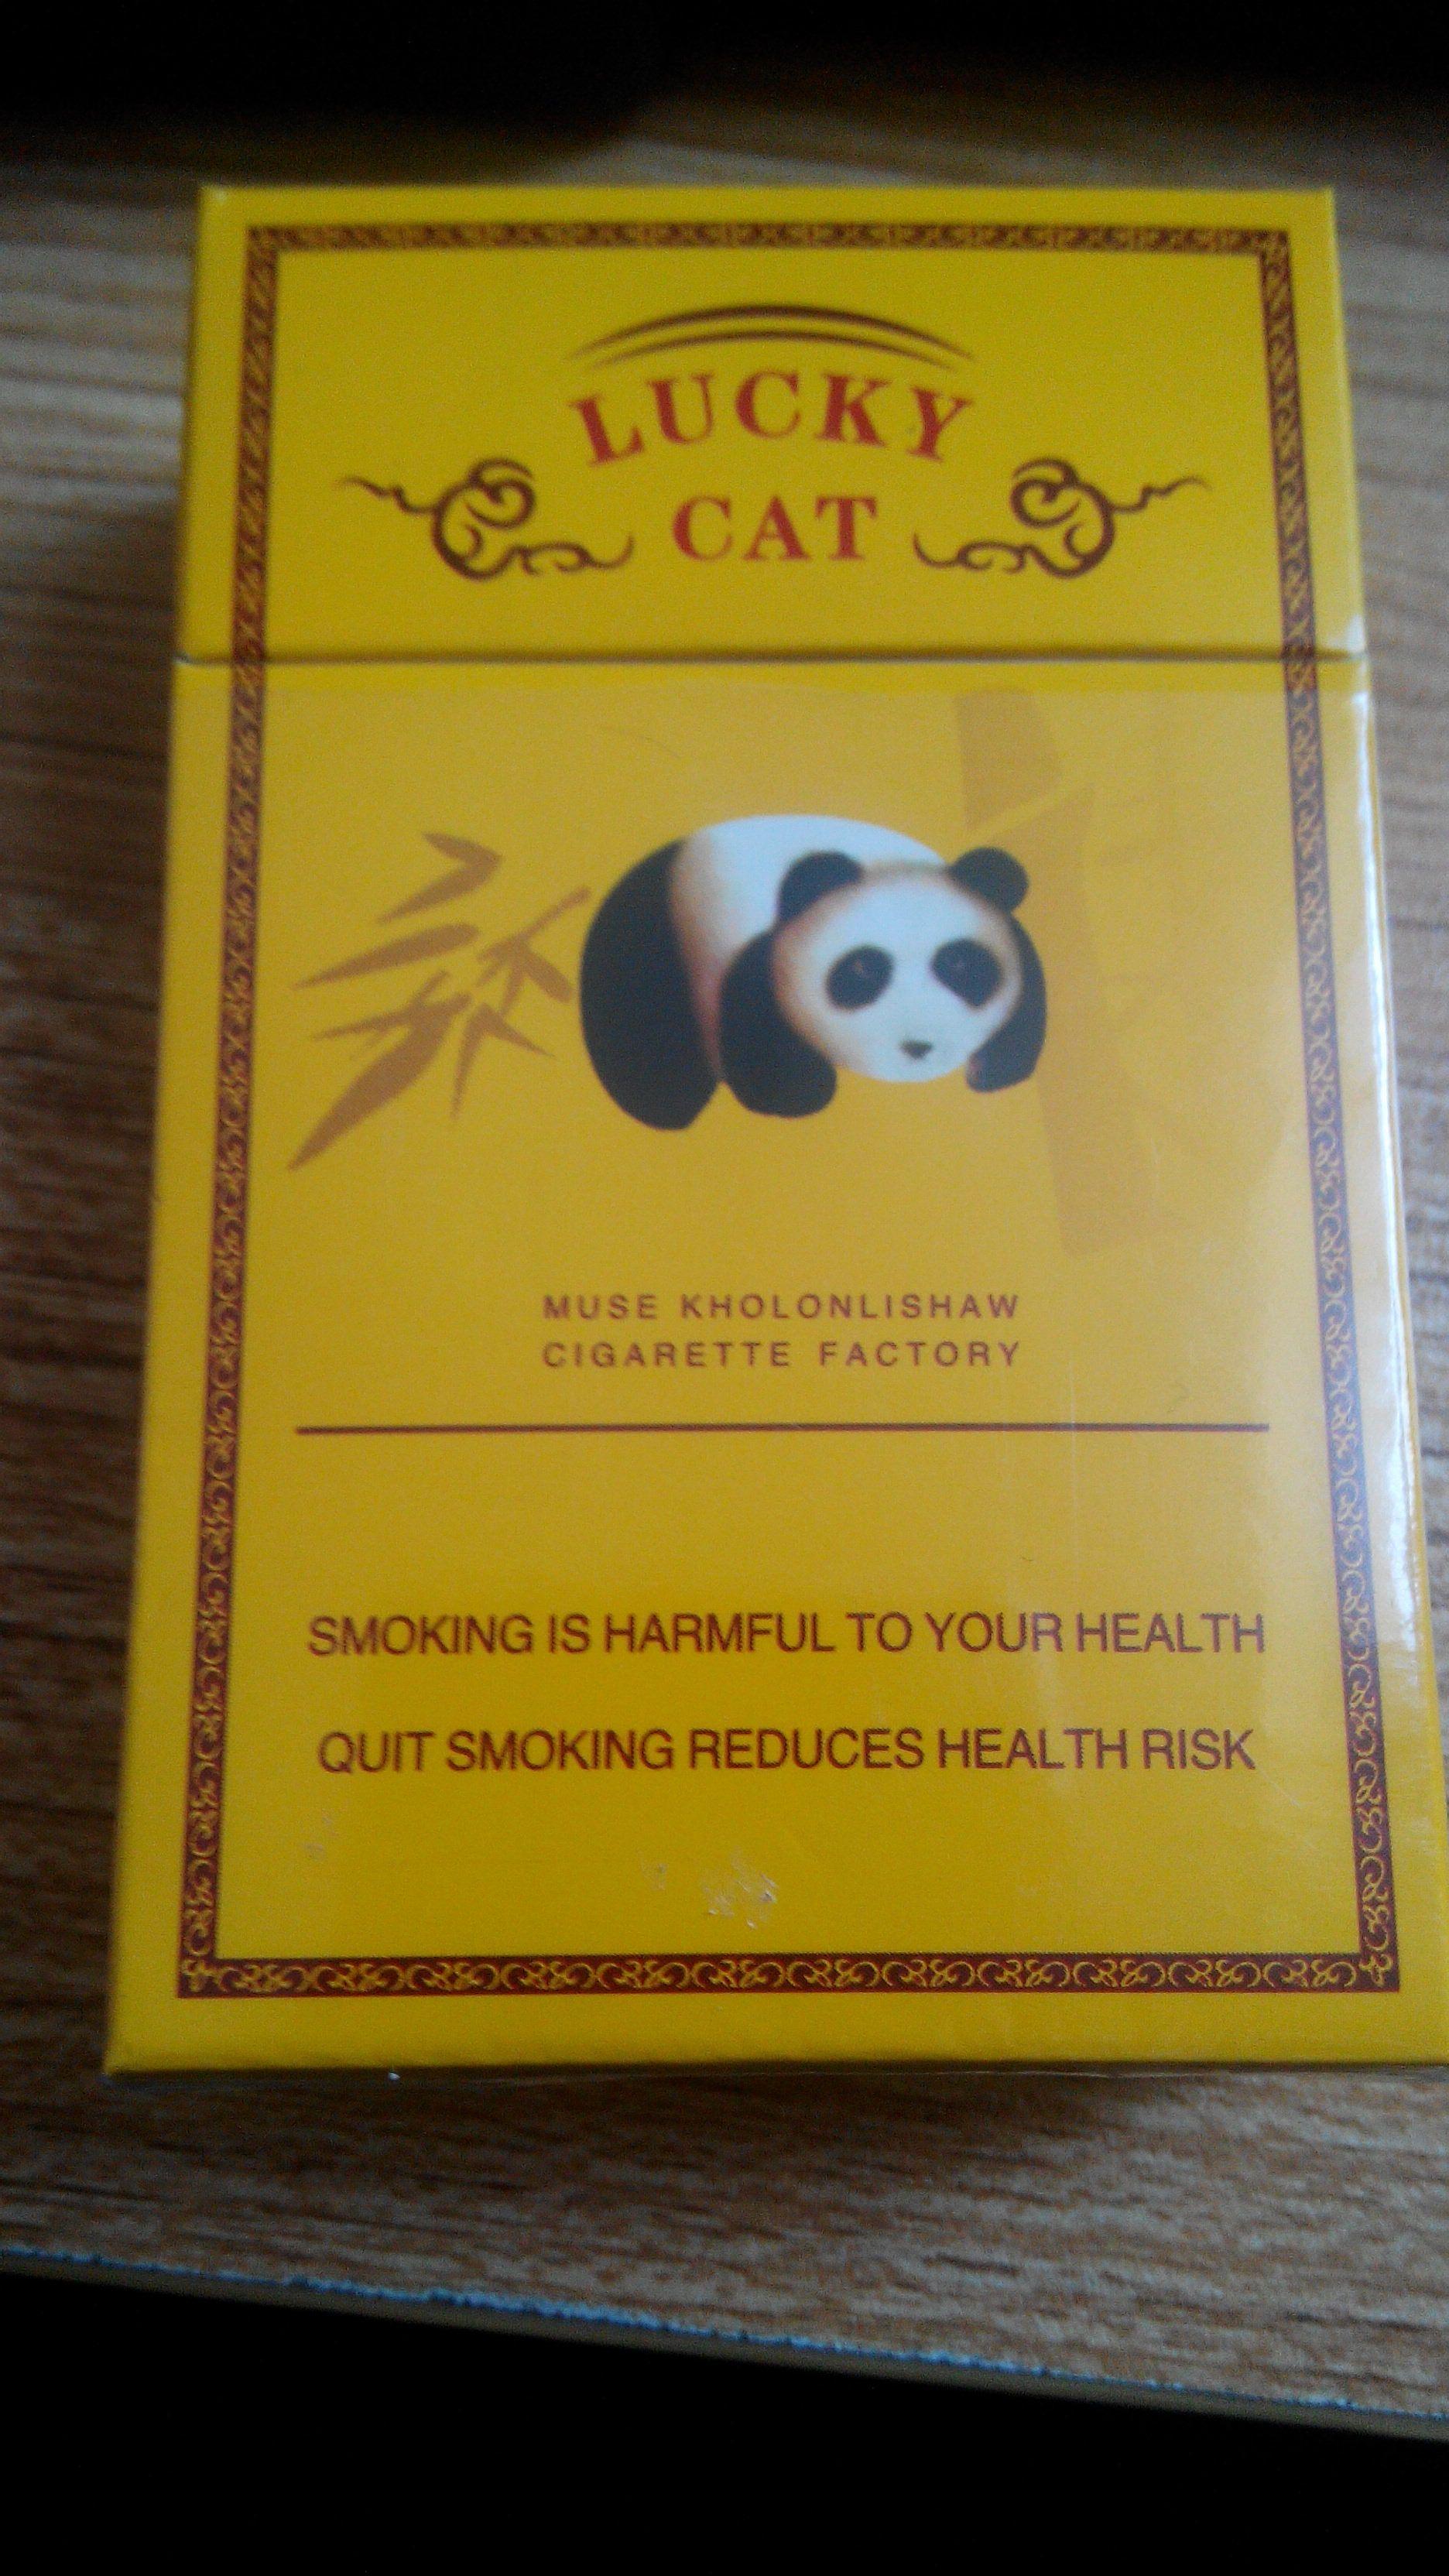 黄色烟盒 上面写的lucky cat 中间有个熊猫 请问 是 高清图片